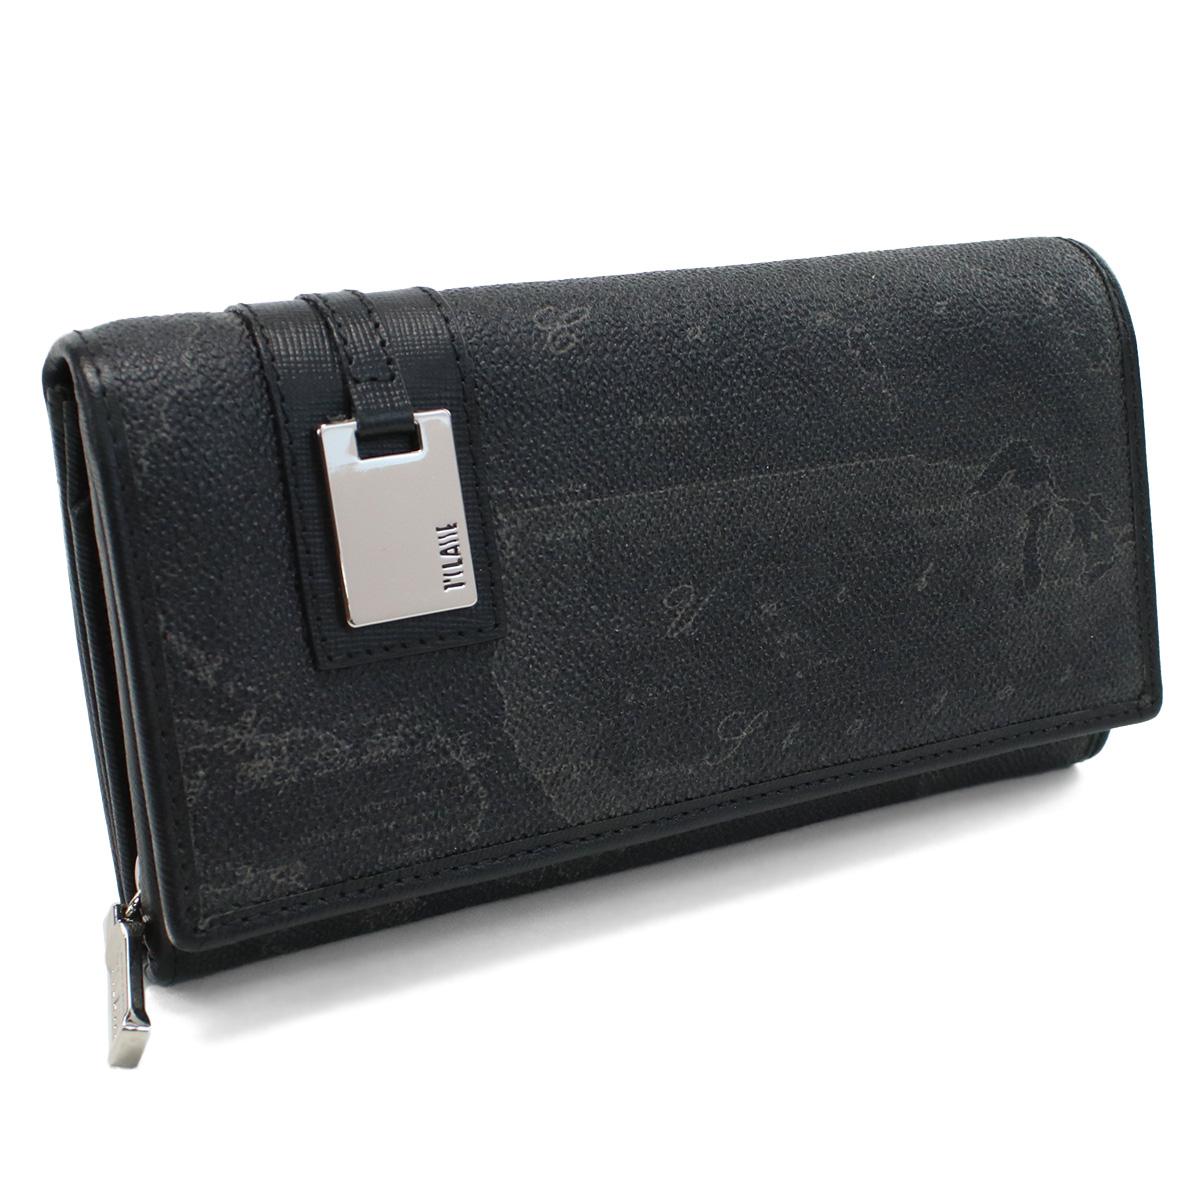 プリマクラッセ PRIMA CLASSE large Wallet 2つ折り長財布 W026 6426 BLACK ブラック 【レディース】